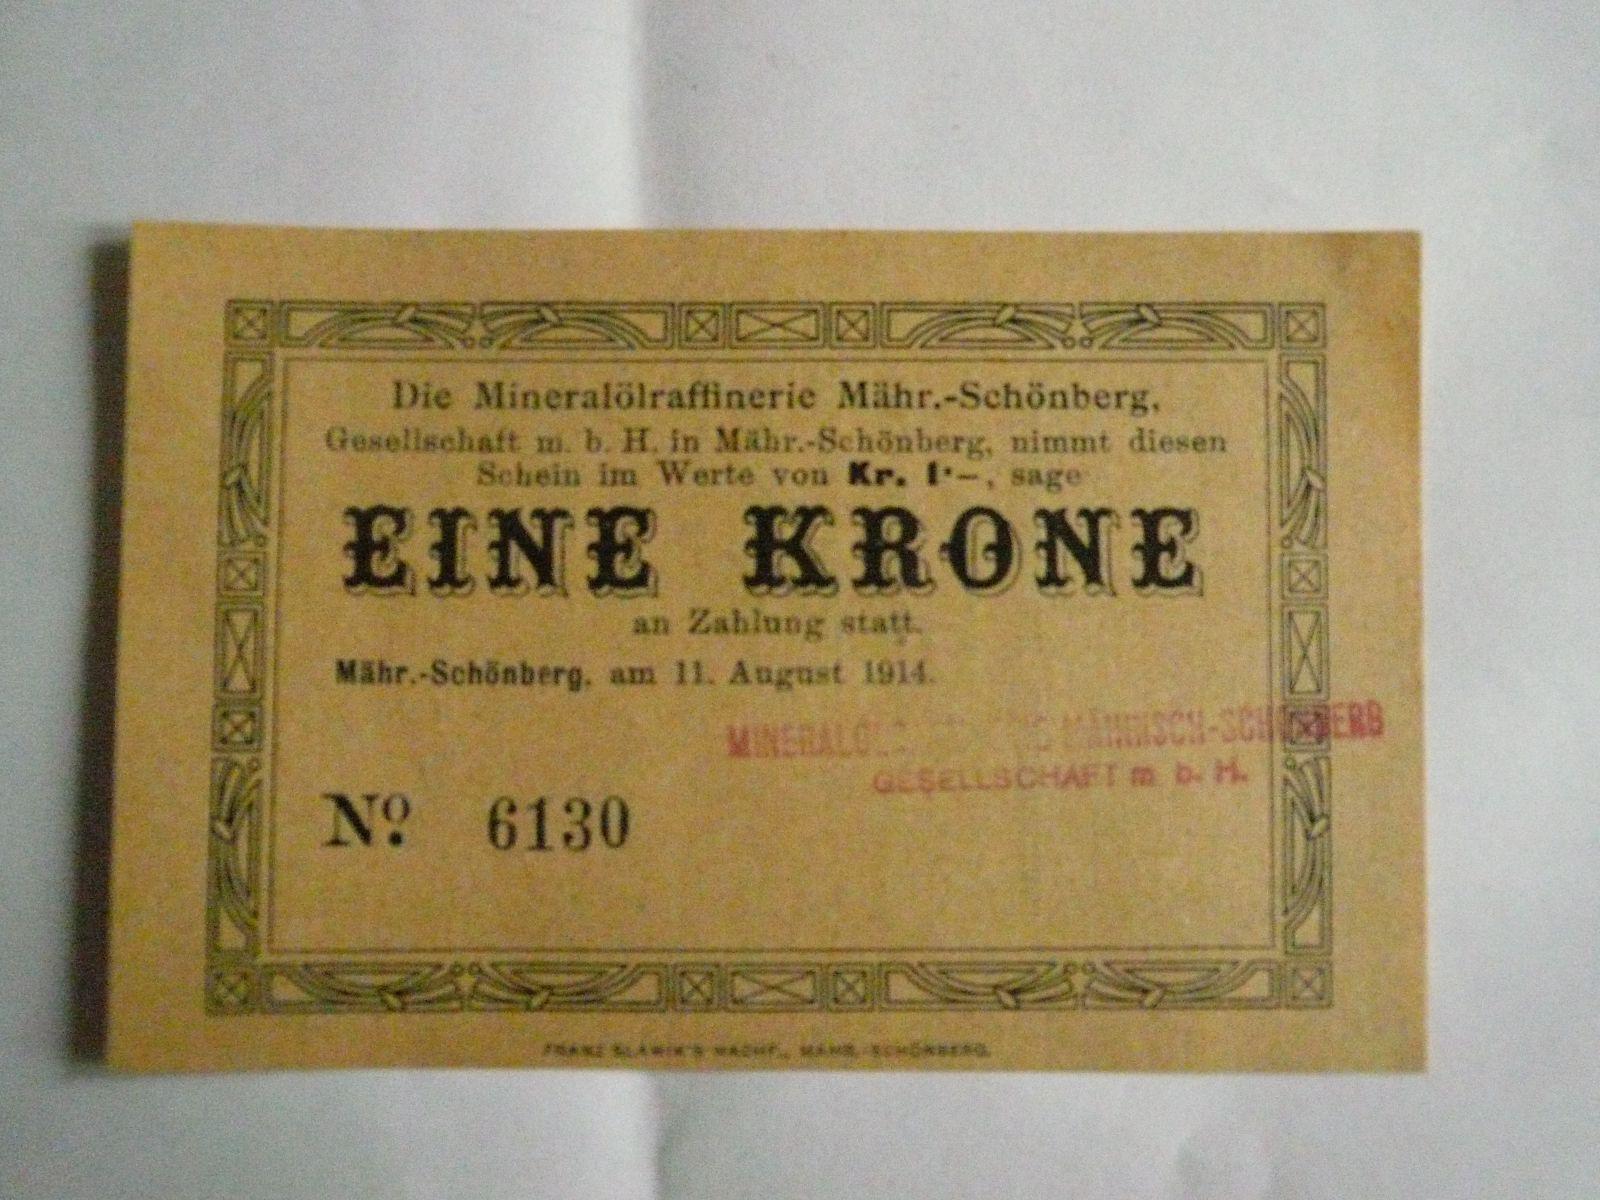 Eine Krone, ČSR-Šumperk, 1914